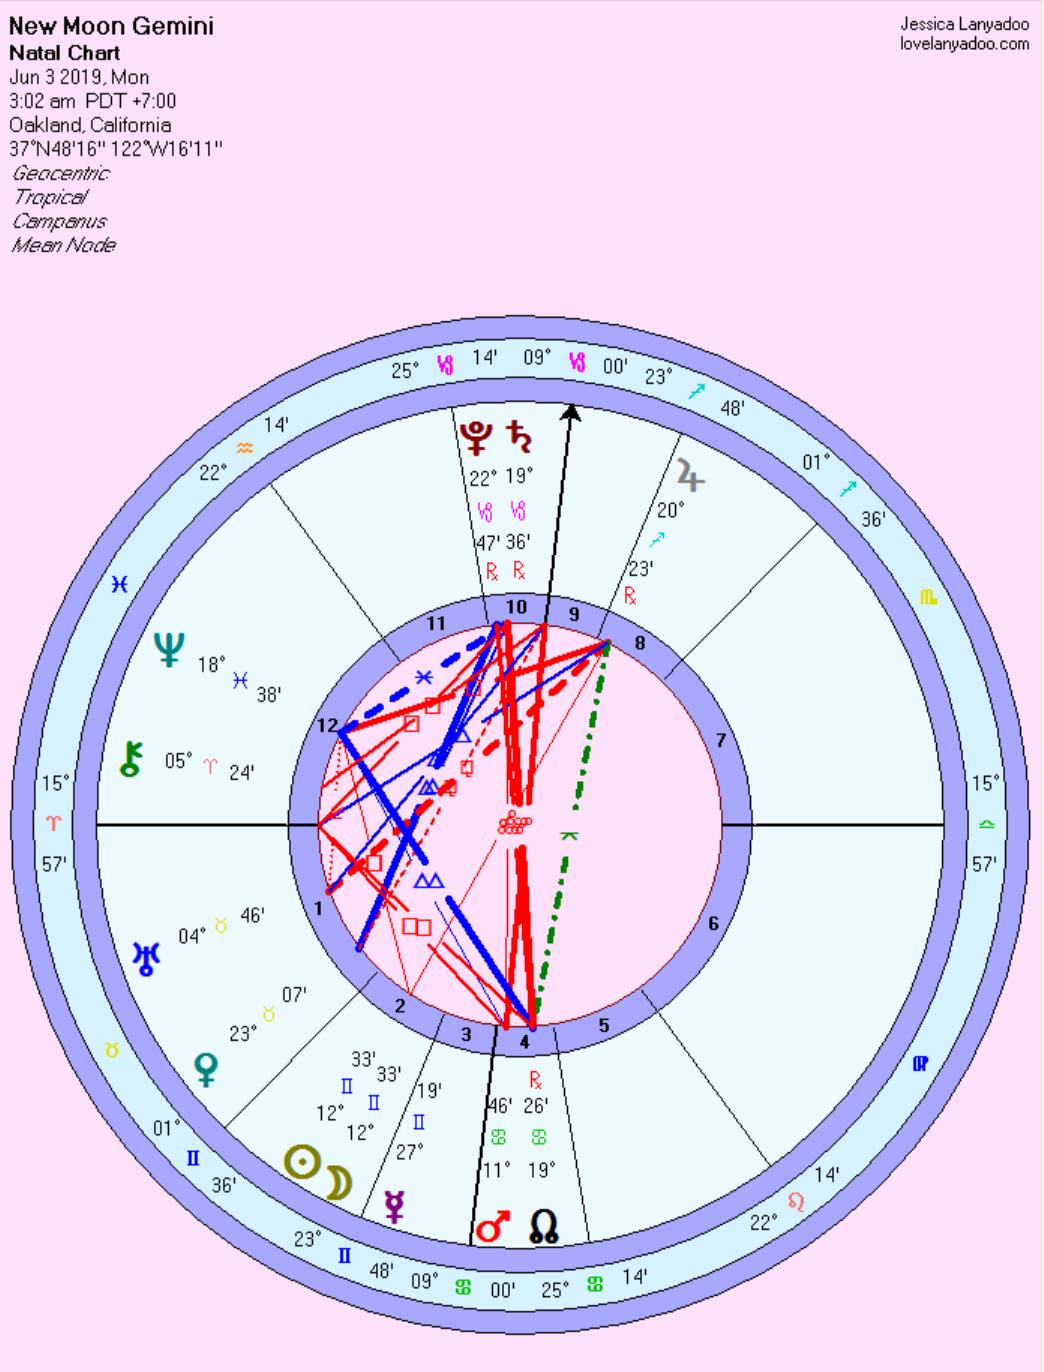 Love Lanyadoo Astrology 05 29-06 04 2019 — JESSICA LANYADOO